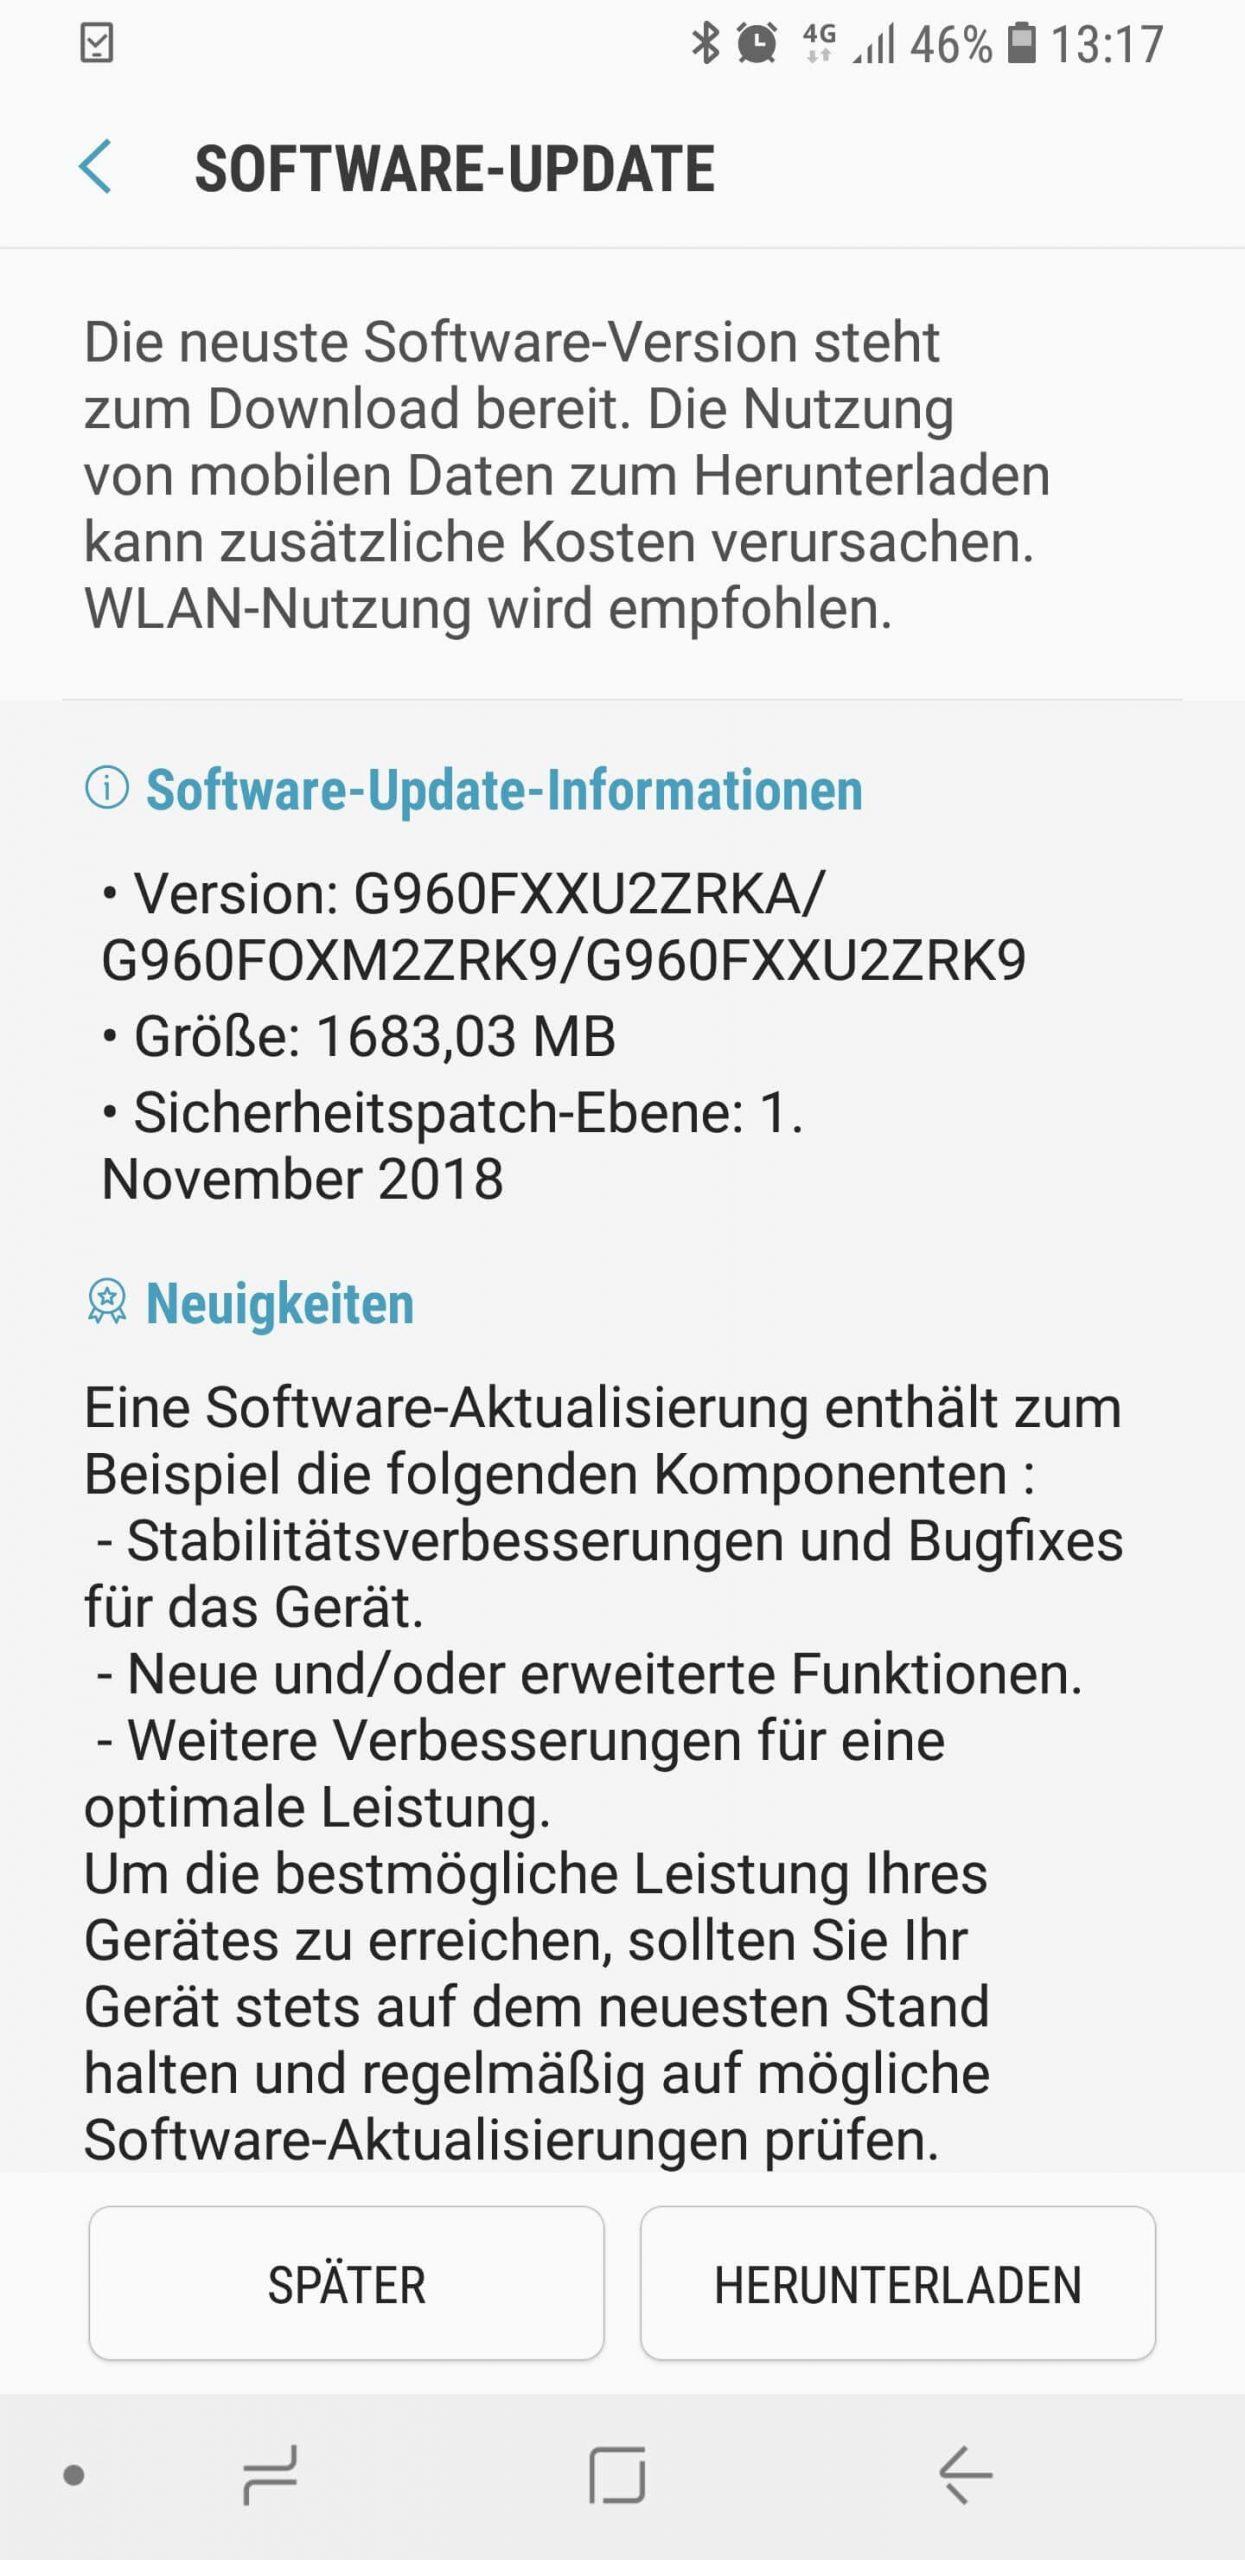 Galaxy S9 Android 9 One UI Beta gestartet: so schön sah eine Samsung UI noch nie aus techboys.de • smarte News, auf den Punkt!